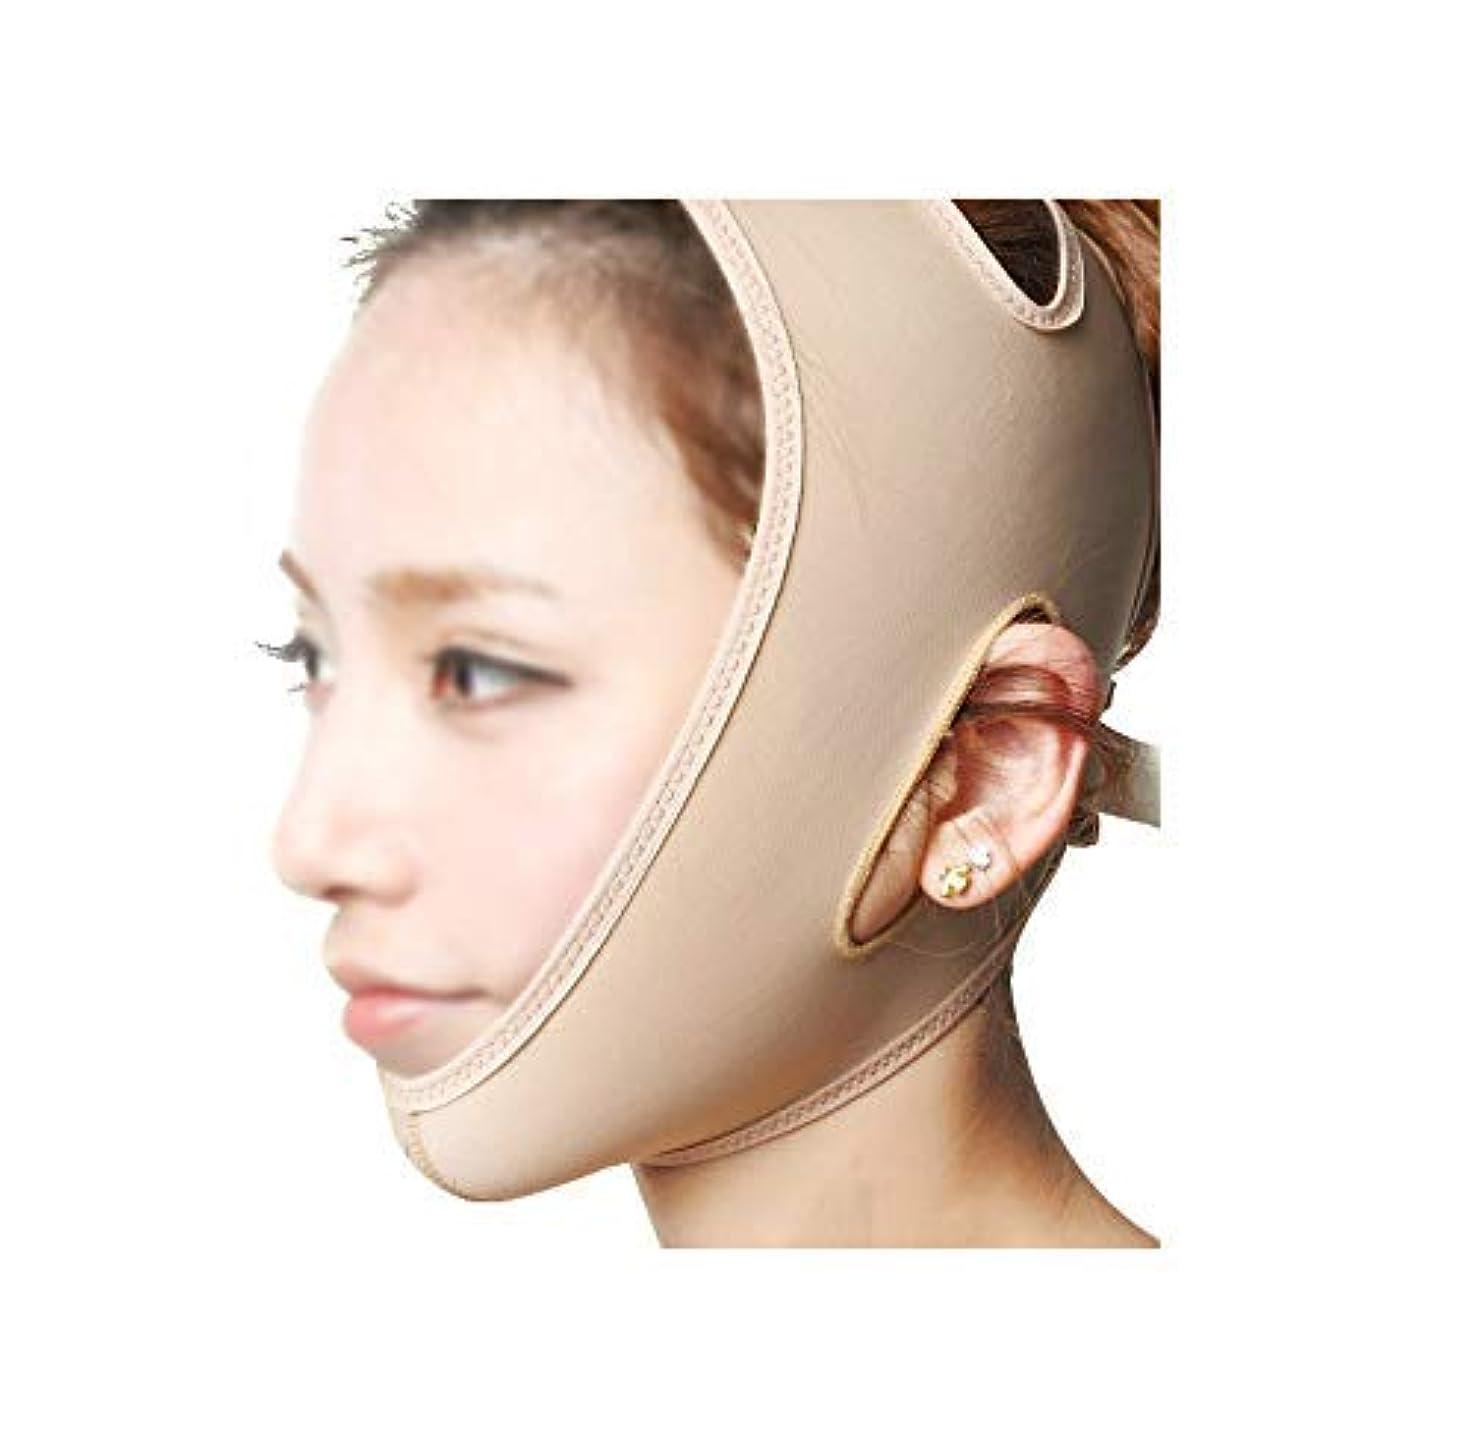 軽蔑考古学項目フェイスリフティングバンデージ、フェイスマスク3Dパネルデザイン、通気性に優れたライクラ素材の物理的なVフェイス、美しい顔の輪郭の作成(サイズ:S),ザ?